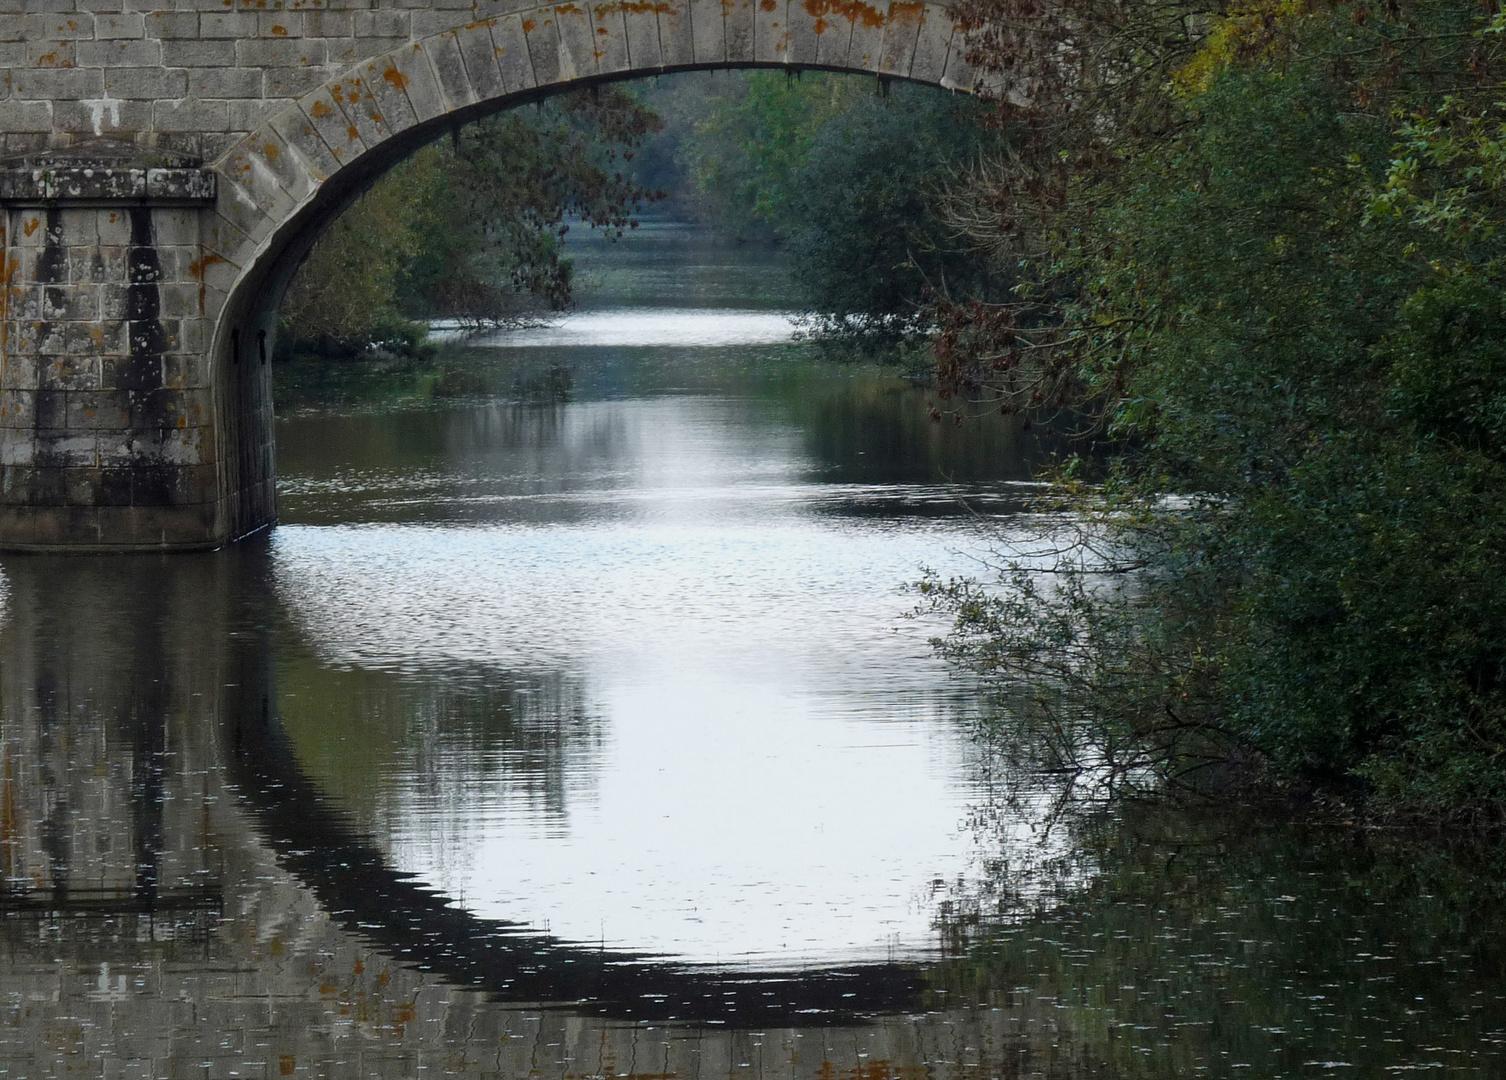 Un pont, une arche, une rivière et les reflets.